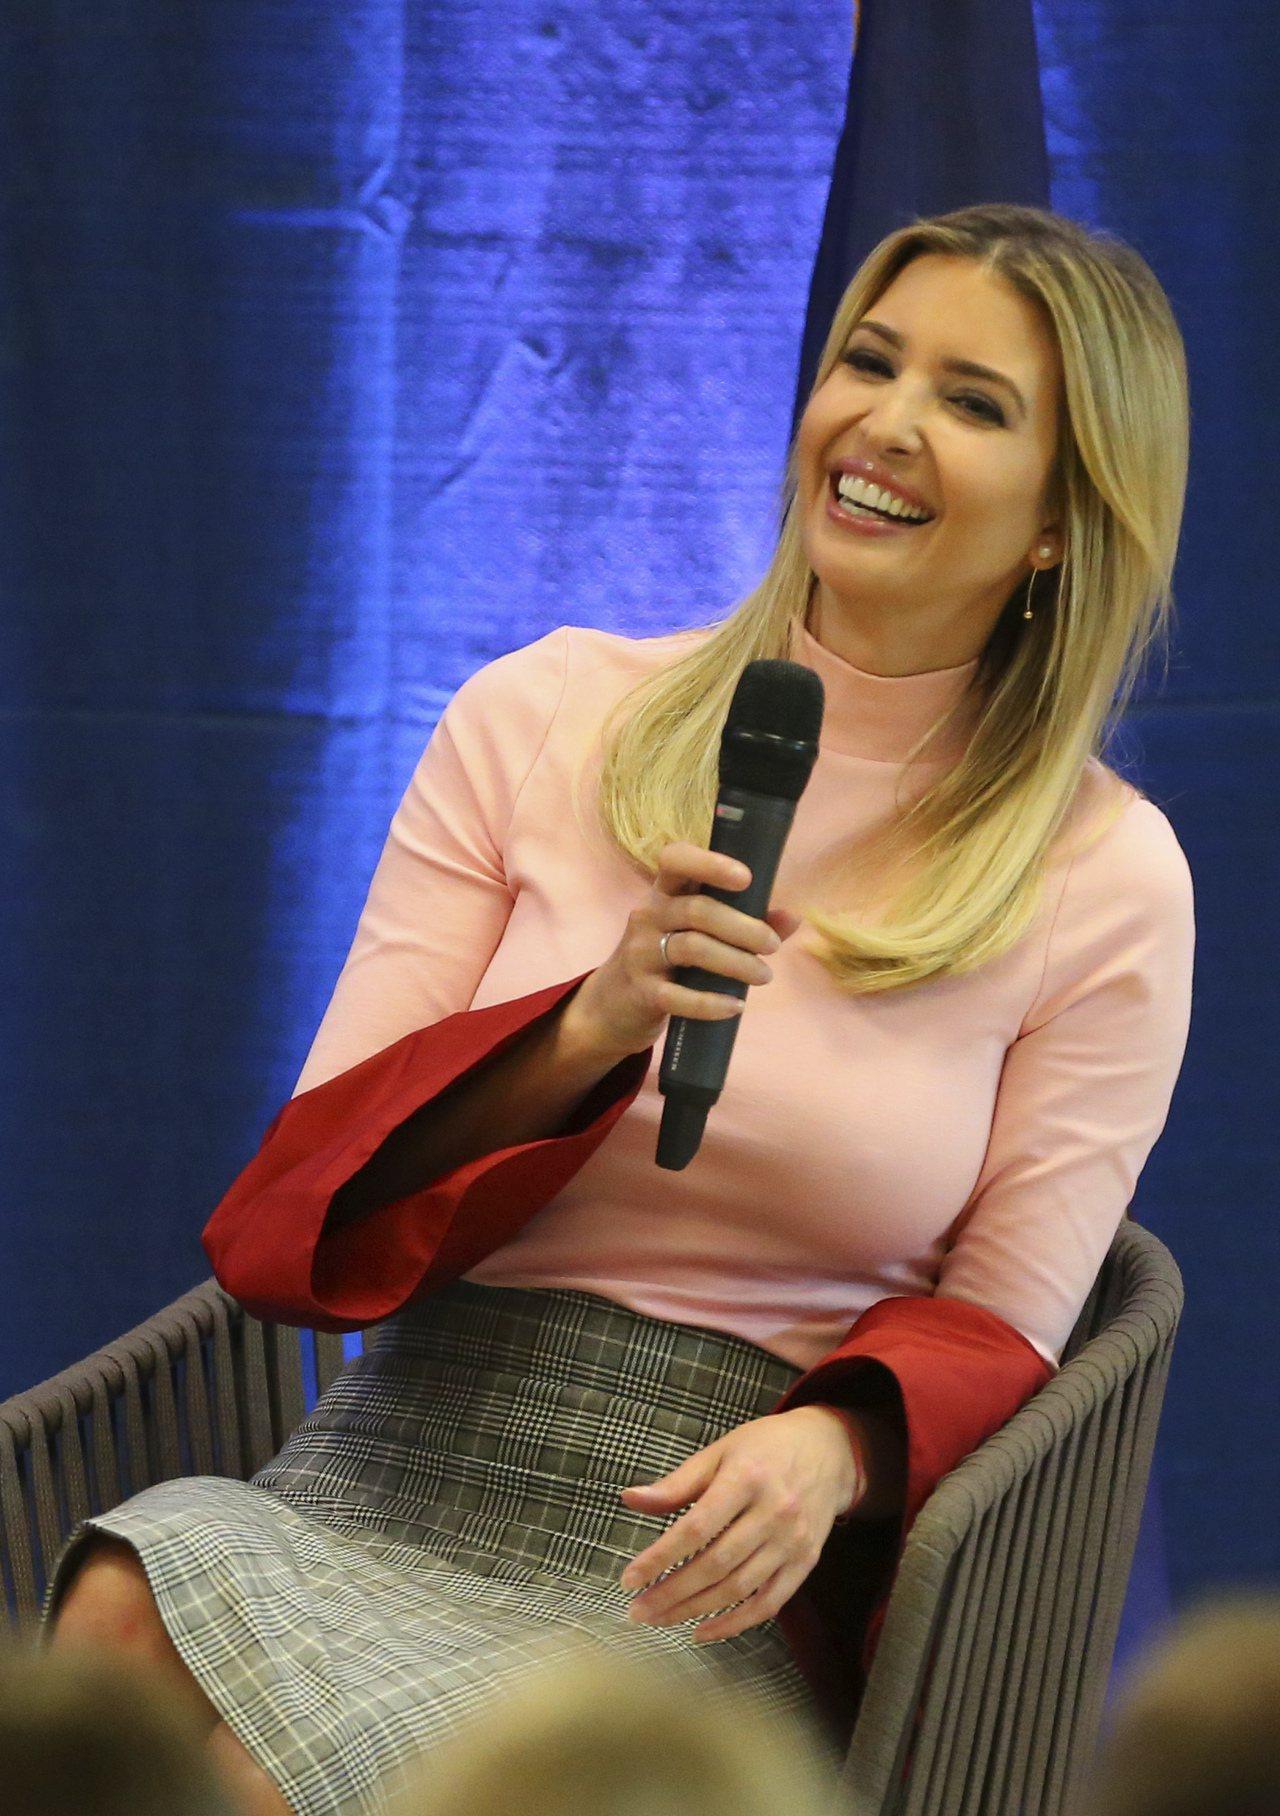 美國總統川普的愛女兼白宮高級顧問伊凡卡23日在賓州出席一場討論川普稅改的鄉鎮會議...